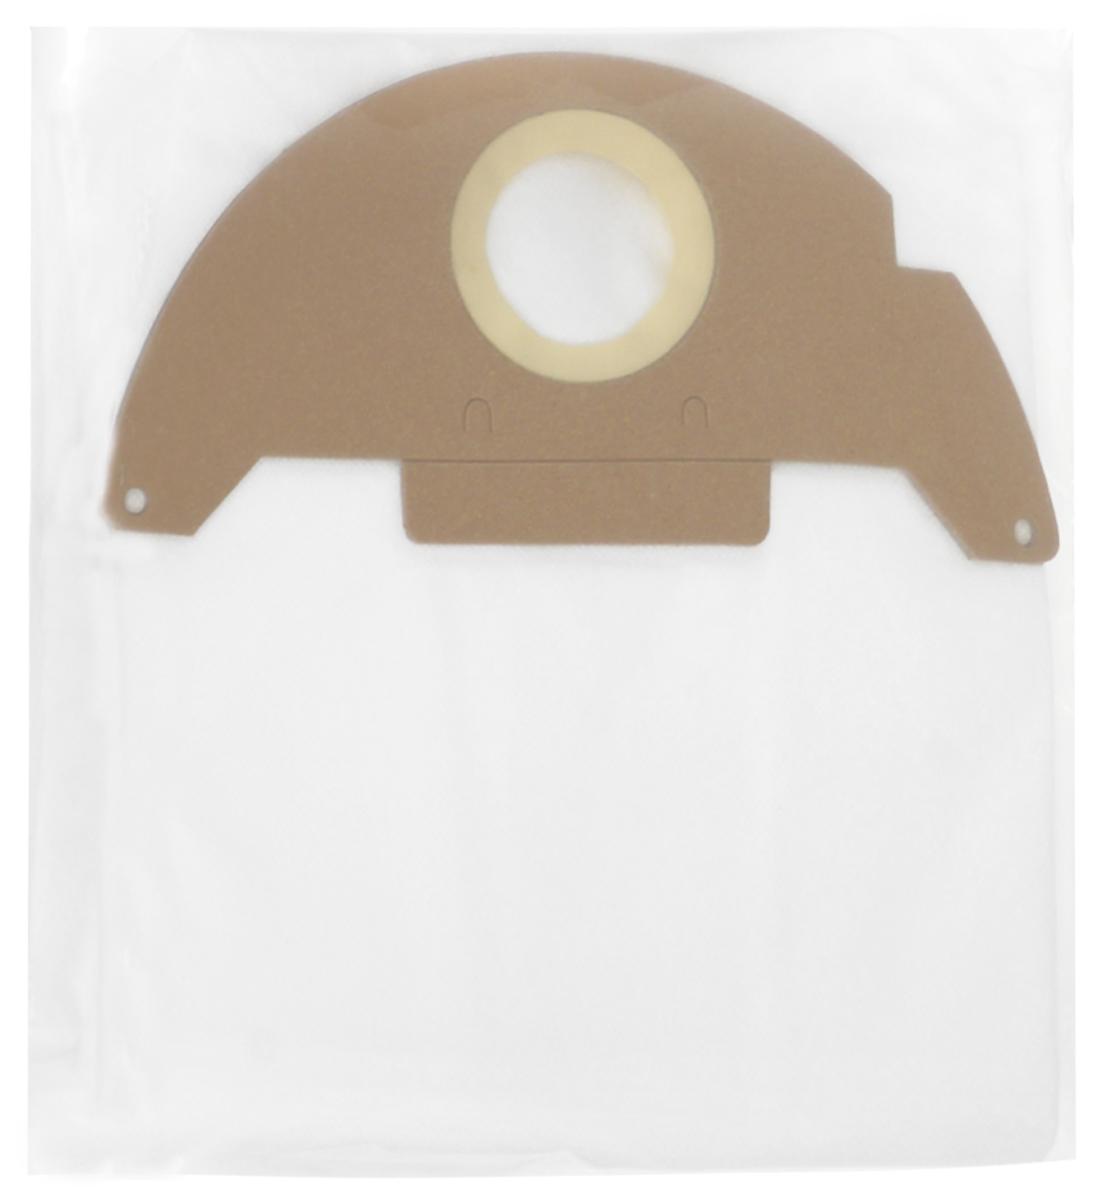 Filtero KAR 10 Pro комплект пылесборников для промышленных пылесосов, 4 шт filtero kar 15pro